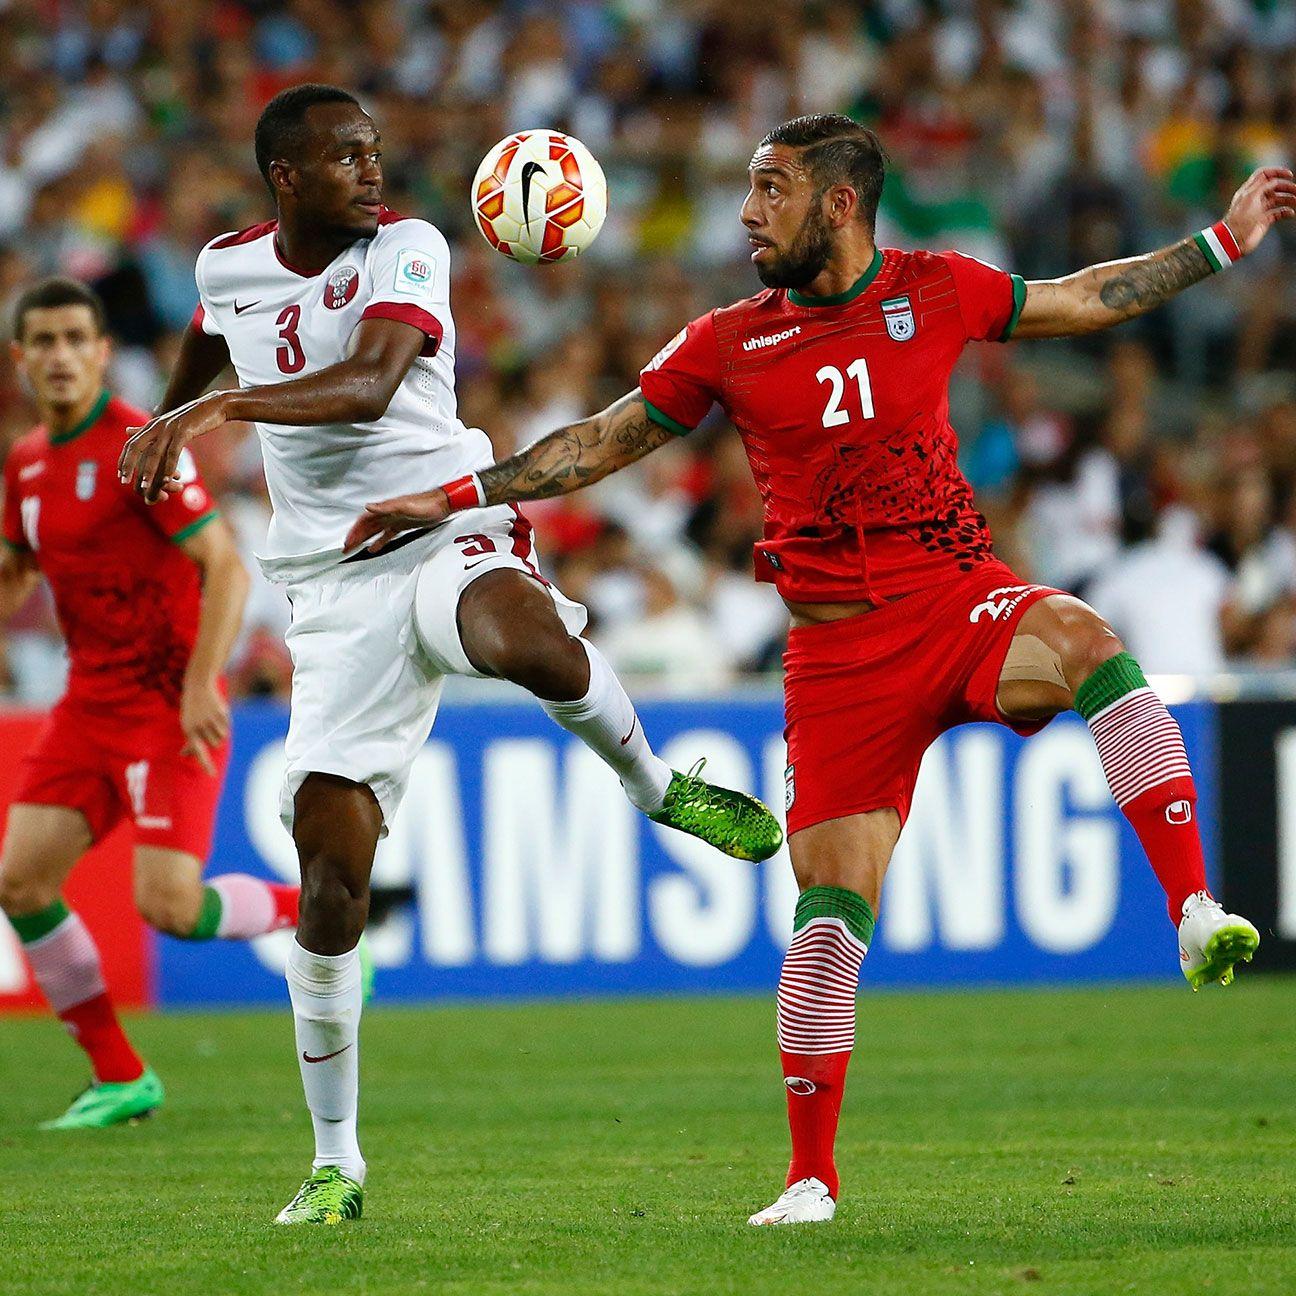 Qatar Rugby: Football Match Summary